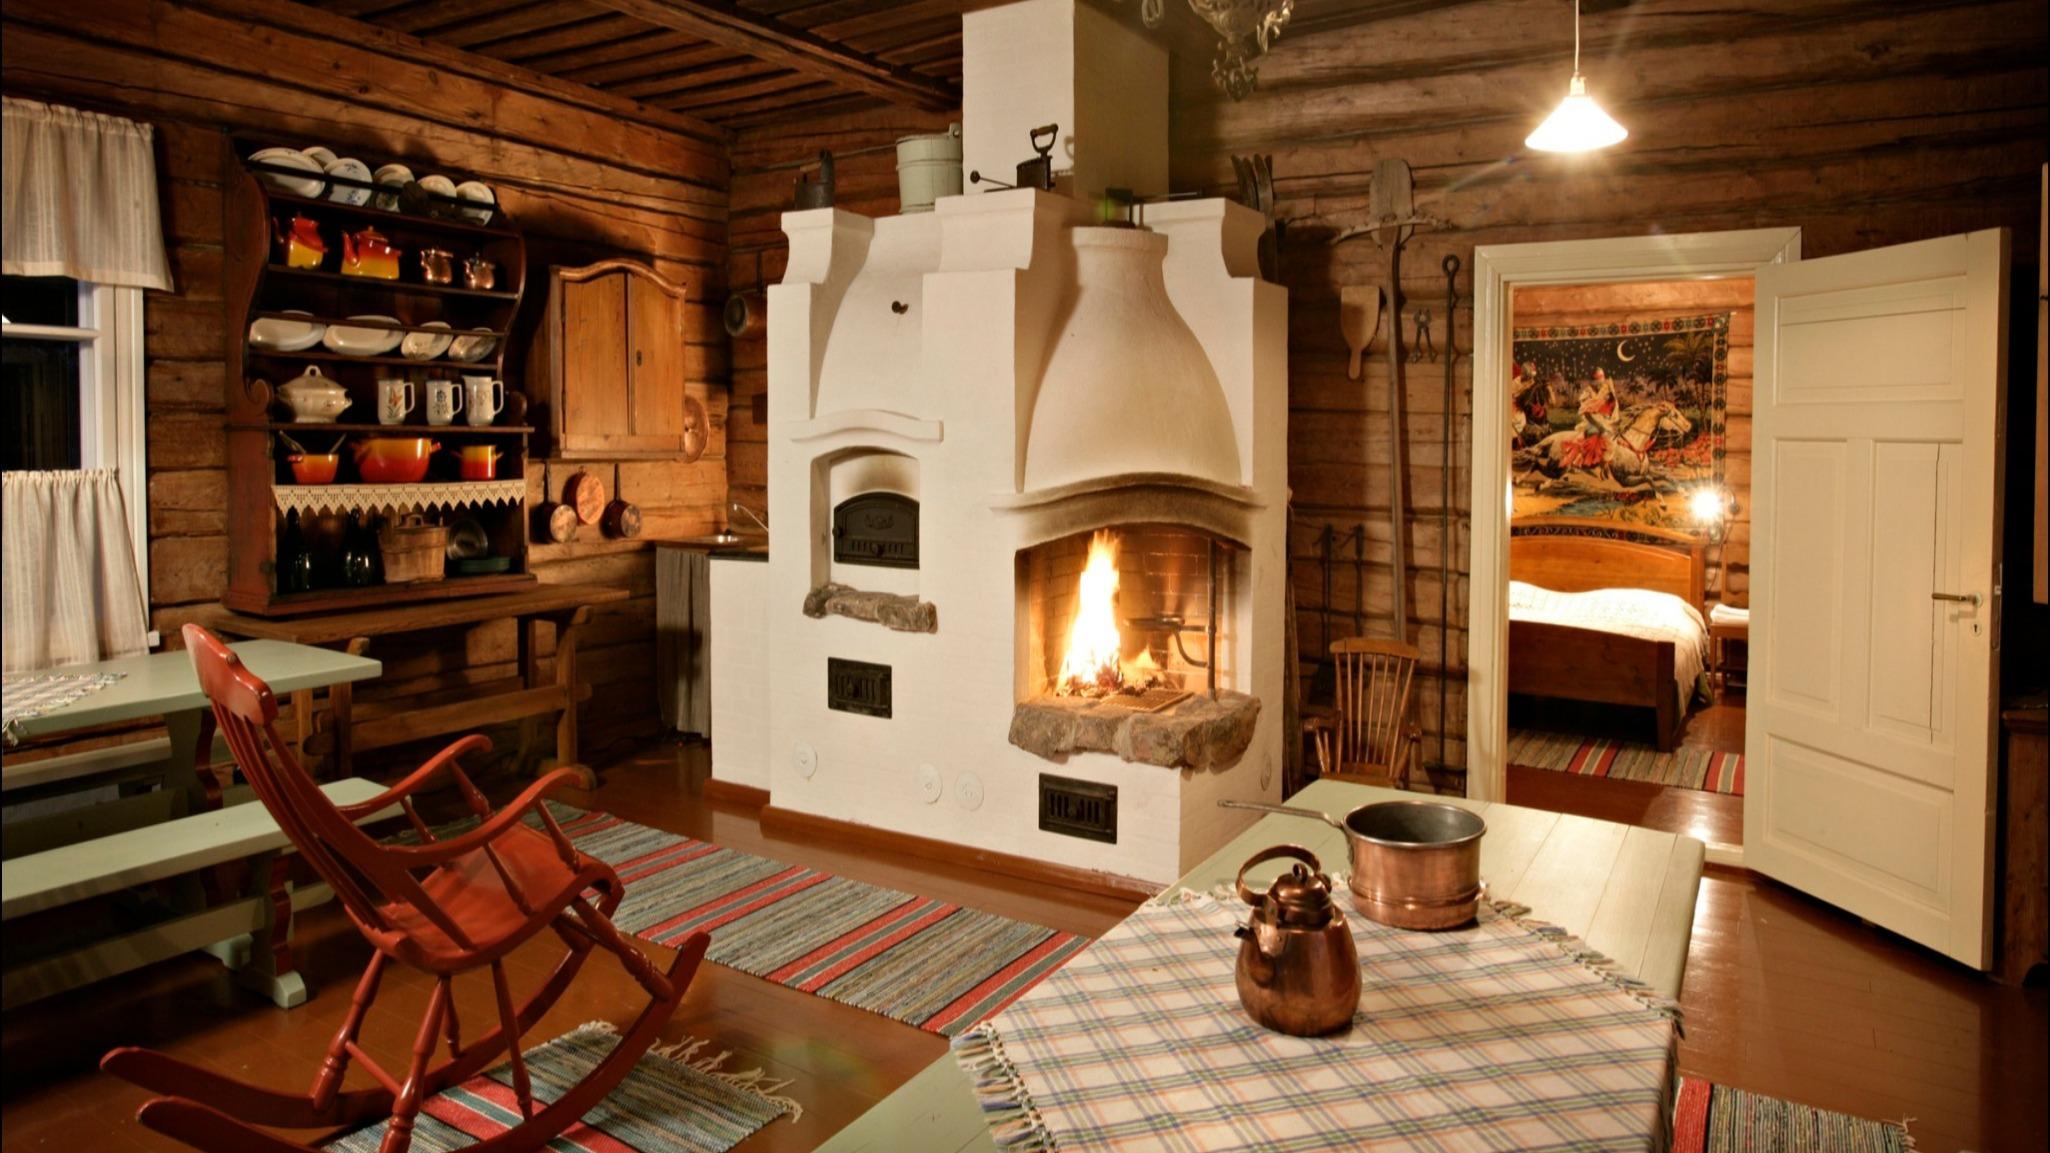 Kakslauttanen Maison Traditionnelle Living Laponie